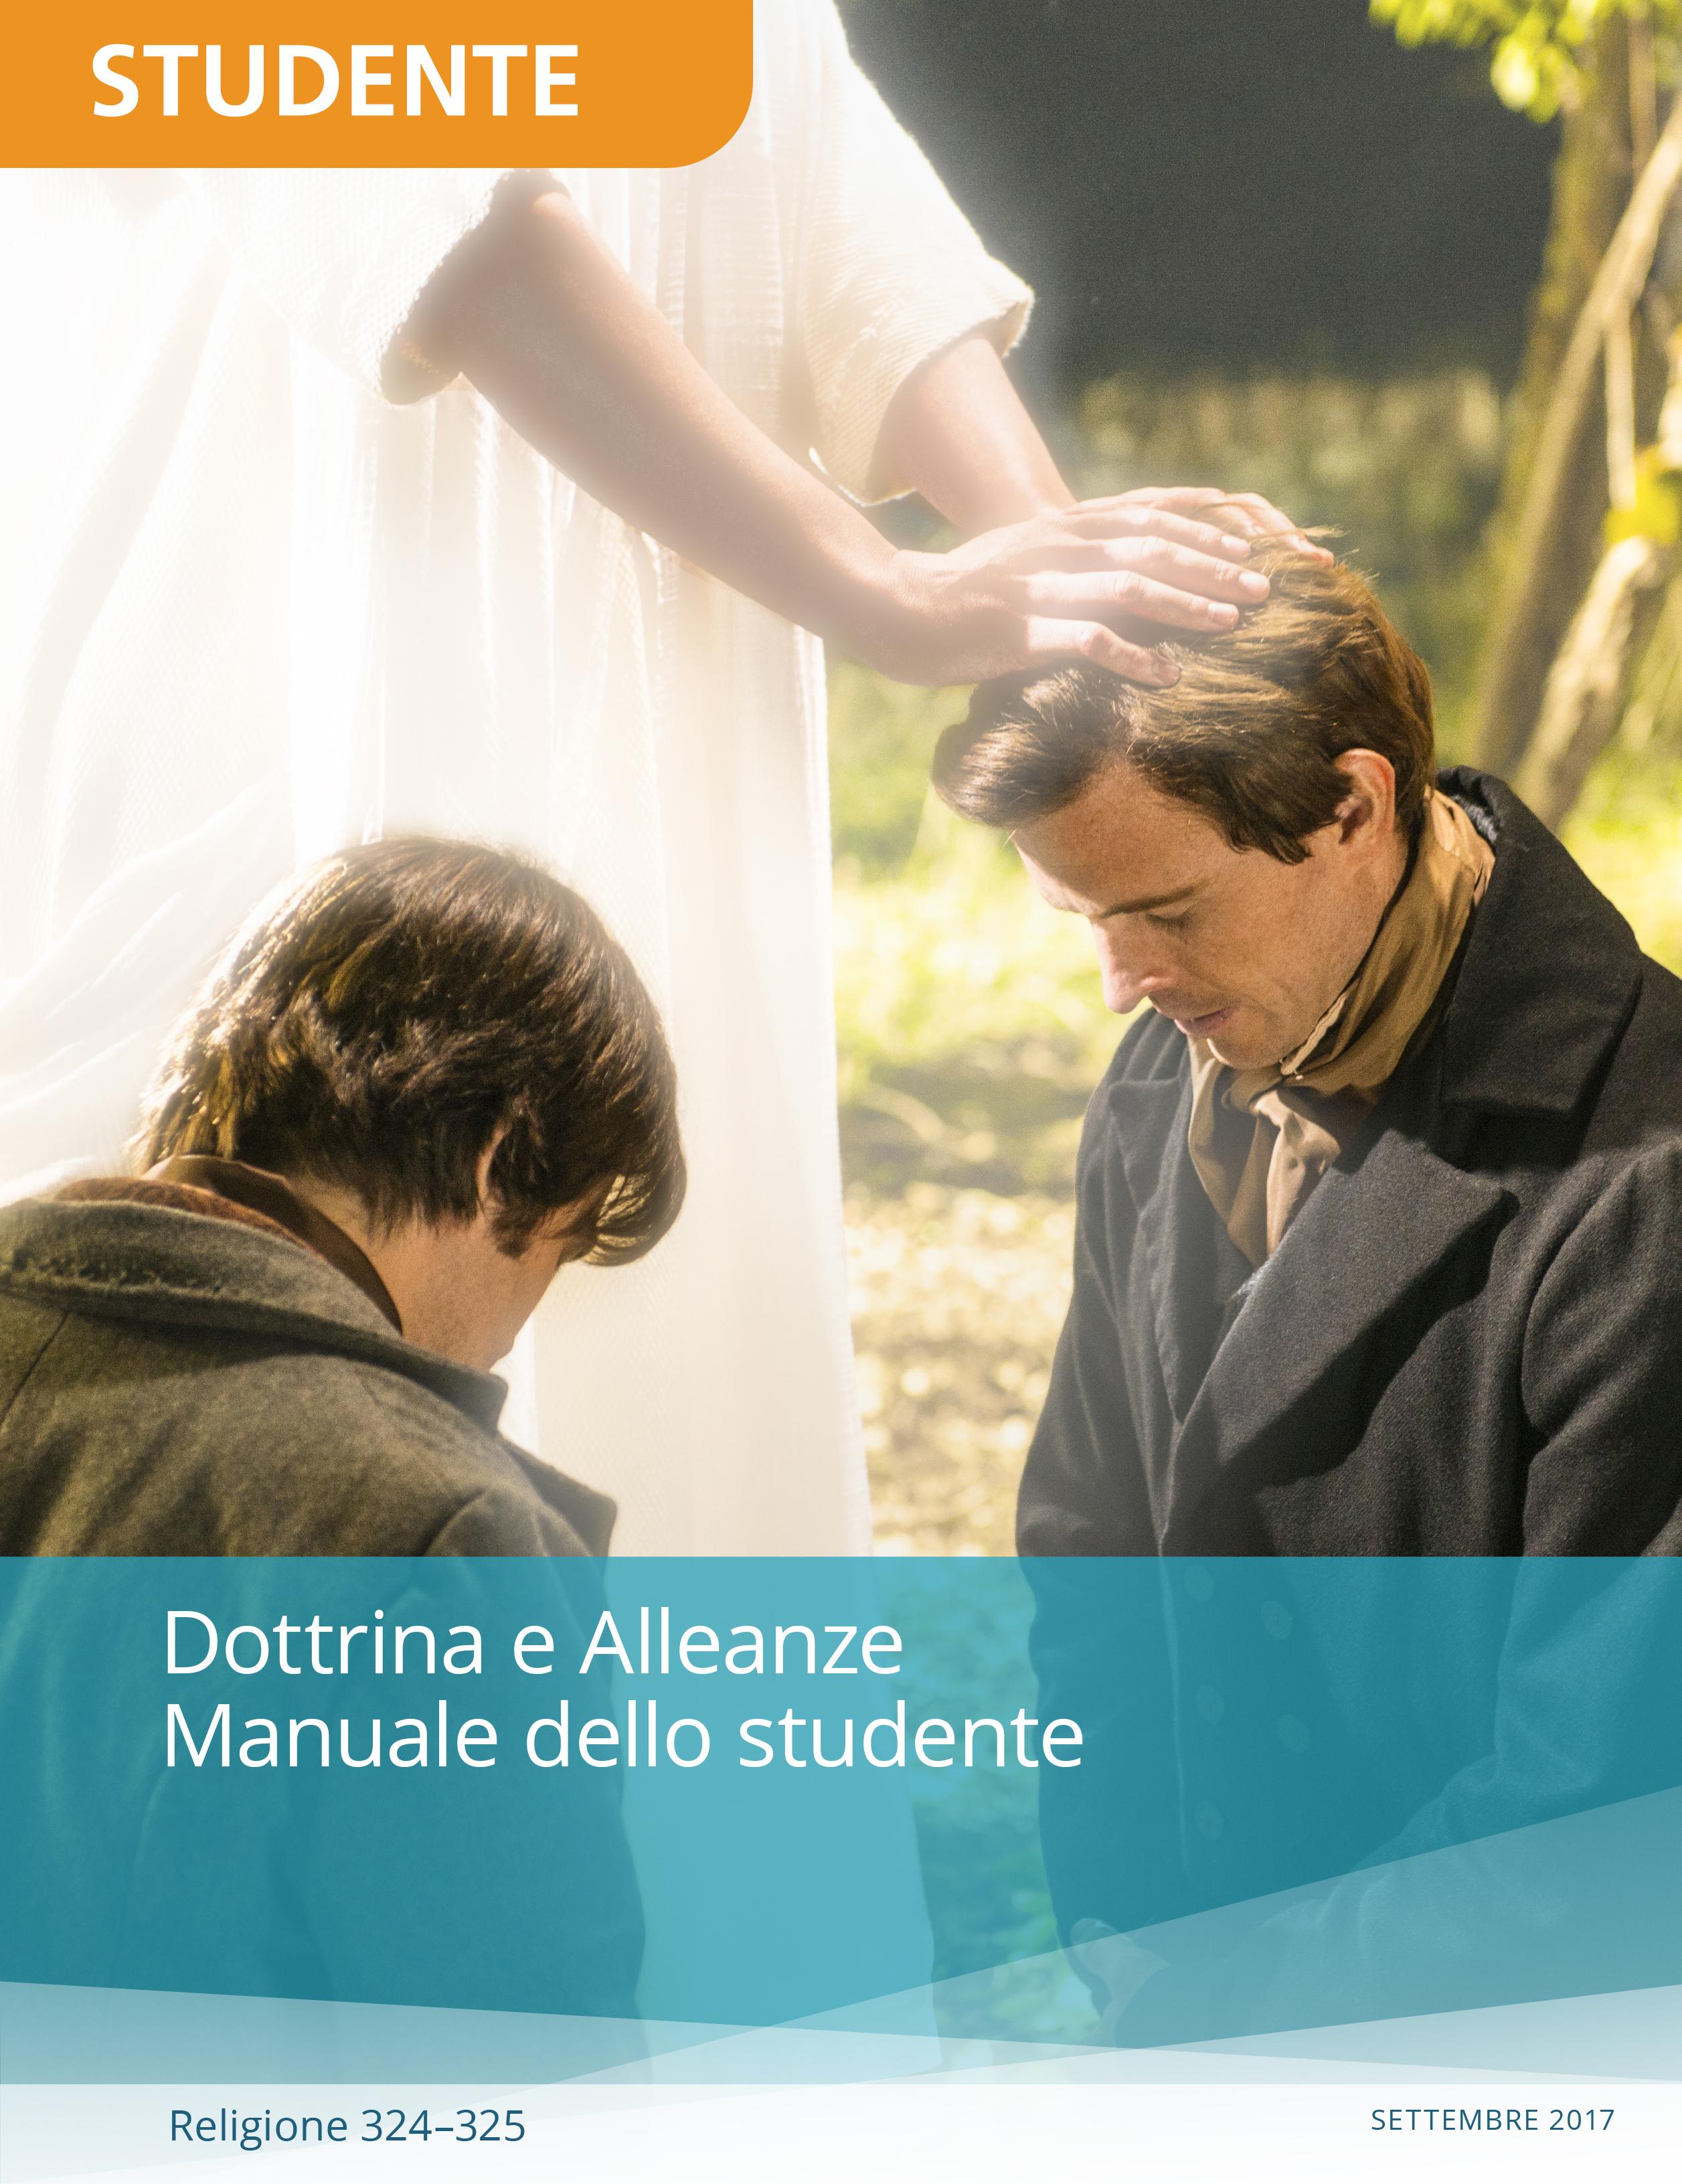 Dottrina e Alleanze – Manuale dello studente